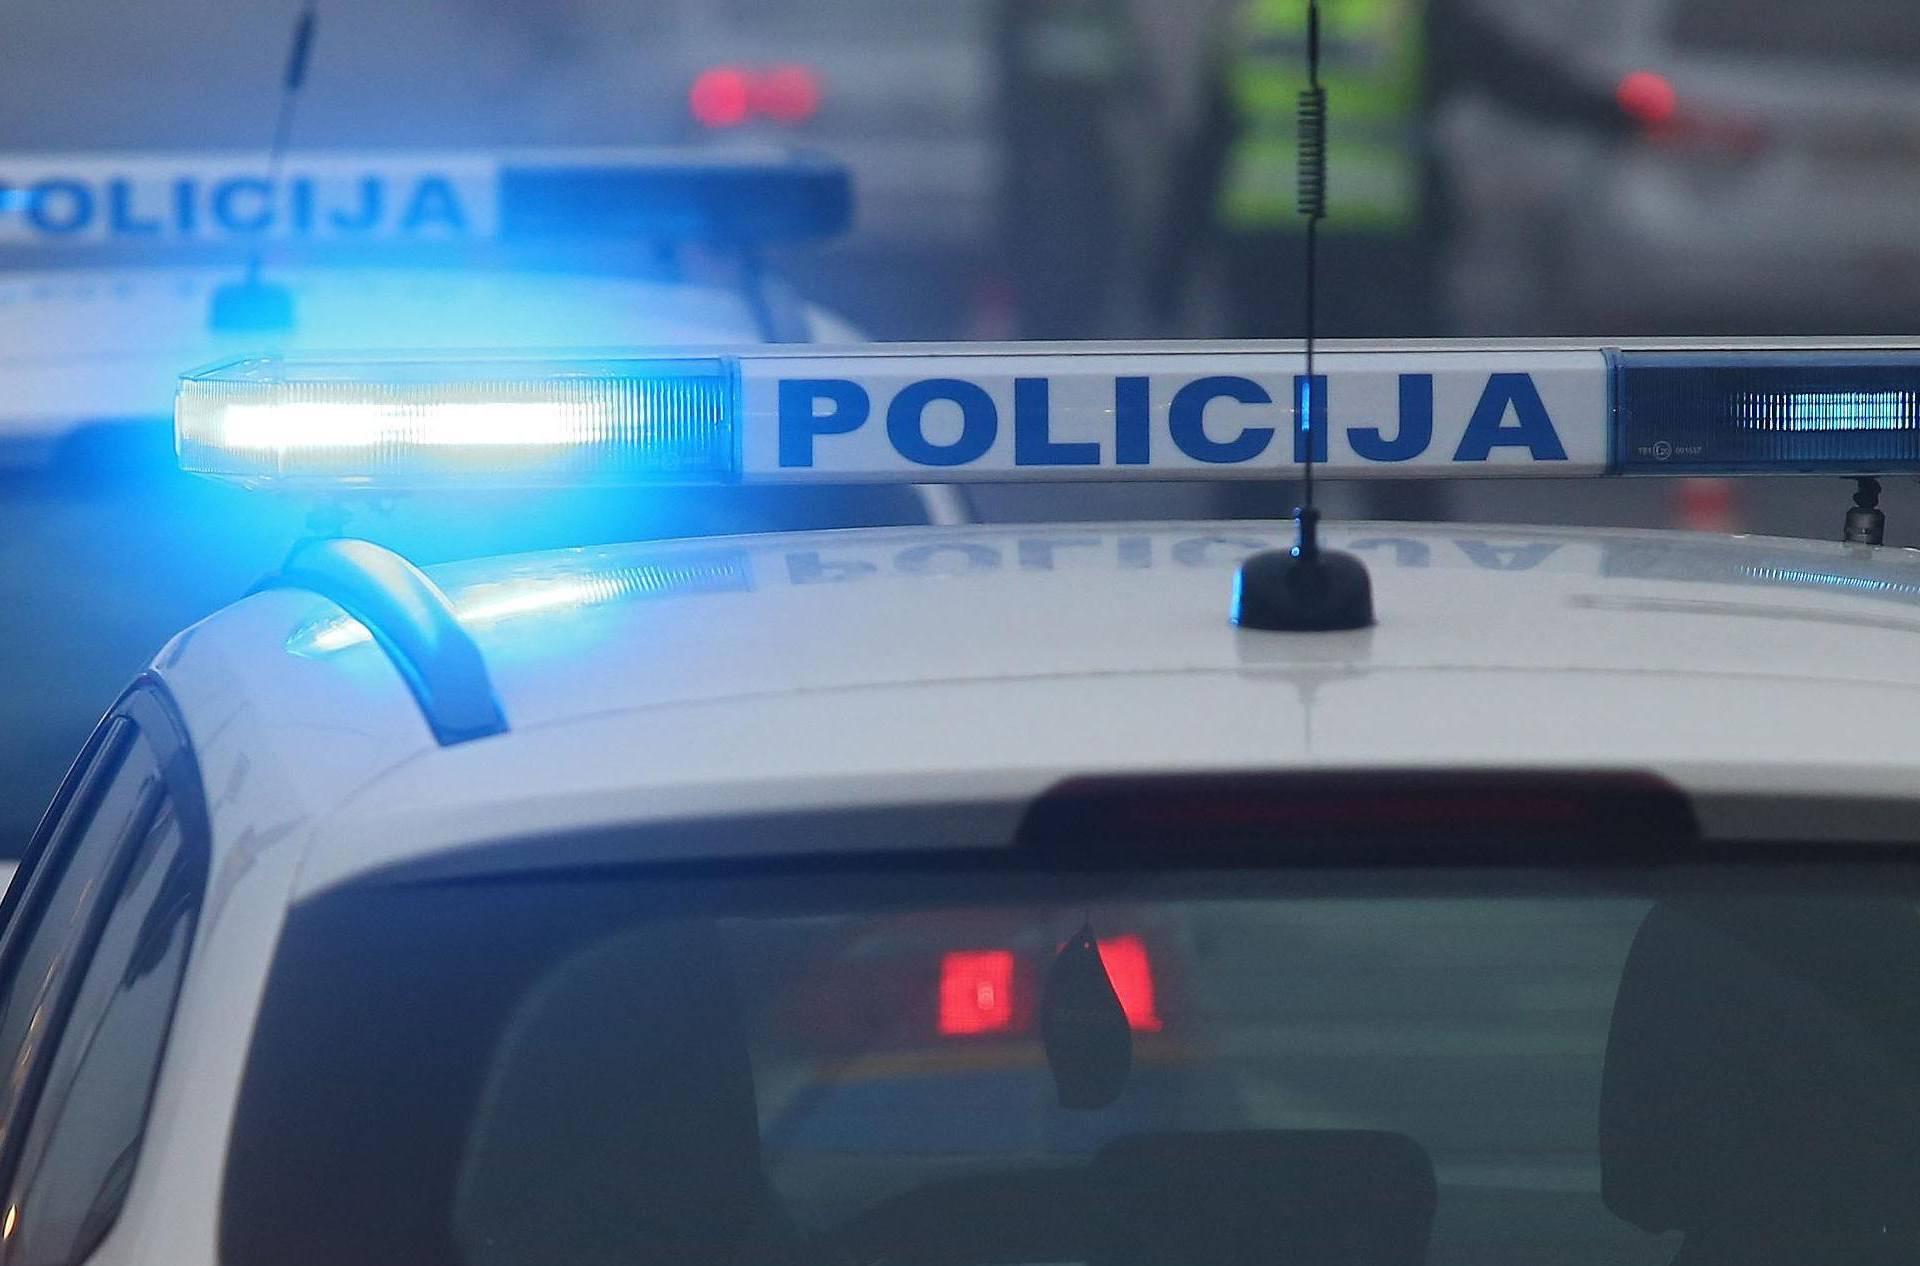 Opet pucali na ulici u Dubravi? Policija: Provjeravamo dojavu